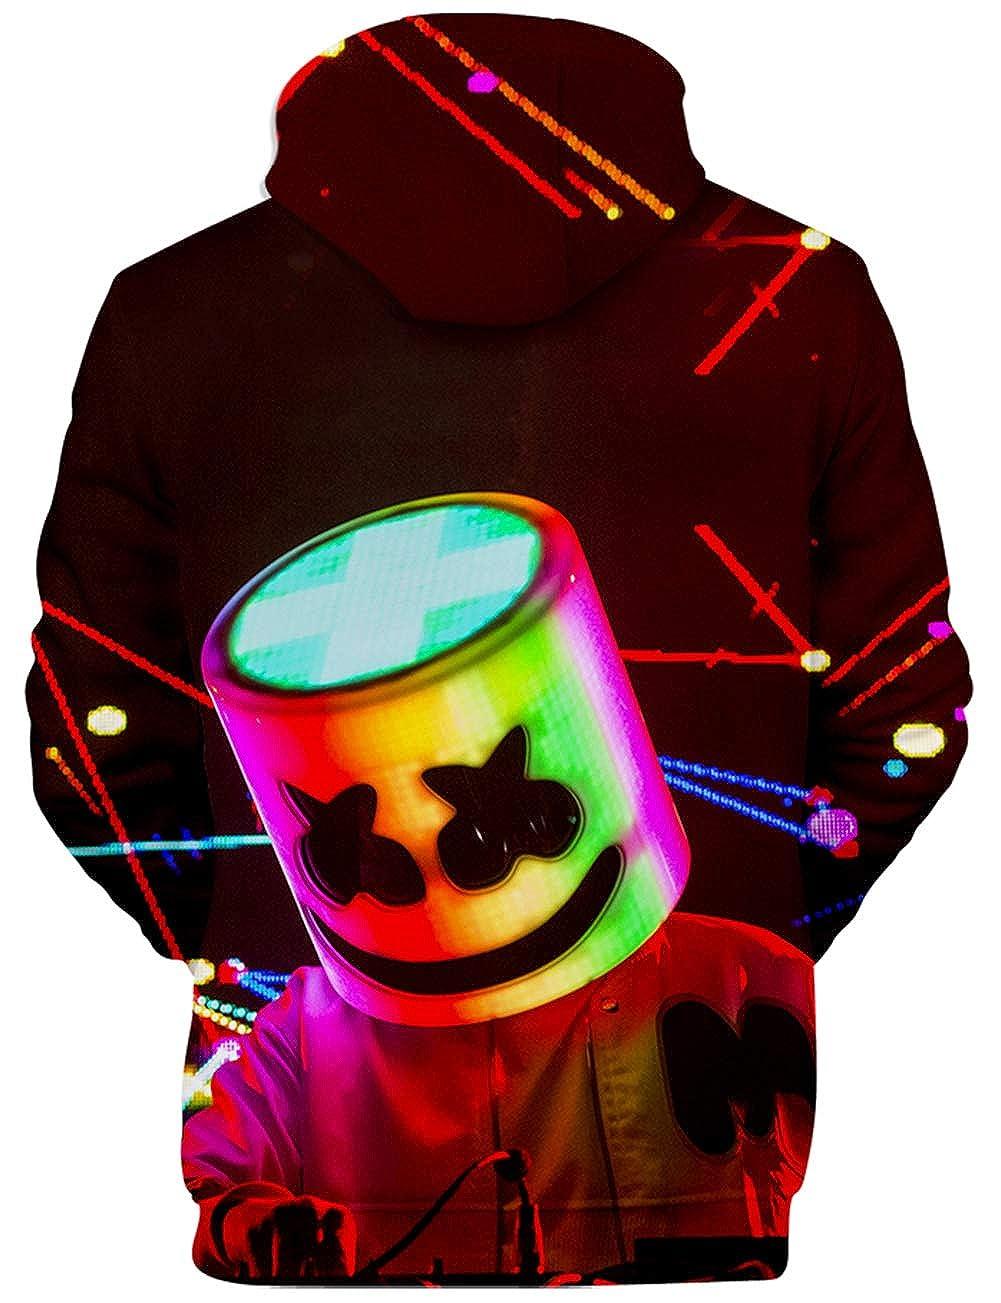 Sudadera para Hombre Estilo 3D Impresión Gráfica Marshmello DJ Sonido Eléctrico Cool EDM Manga Larga (3XS=2XS)